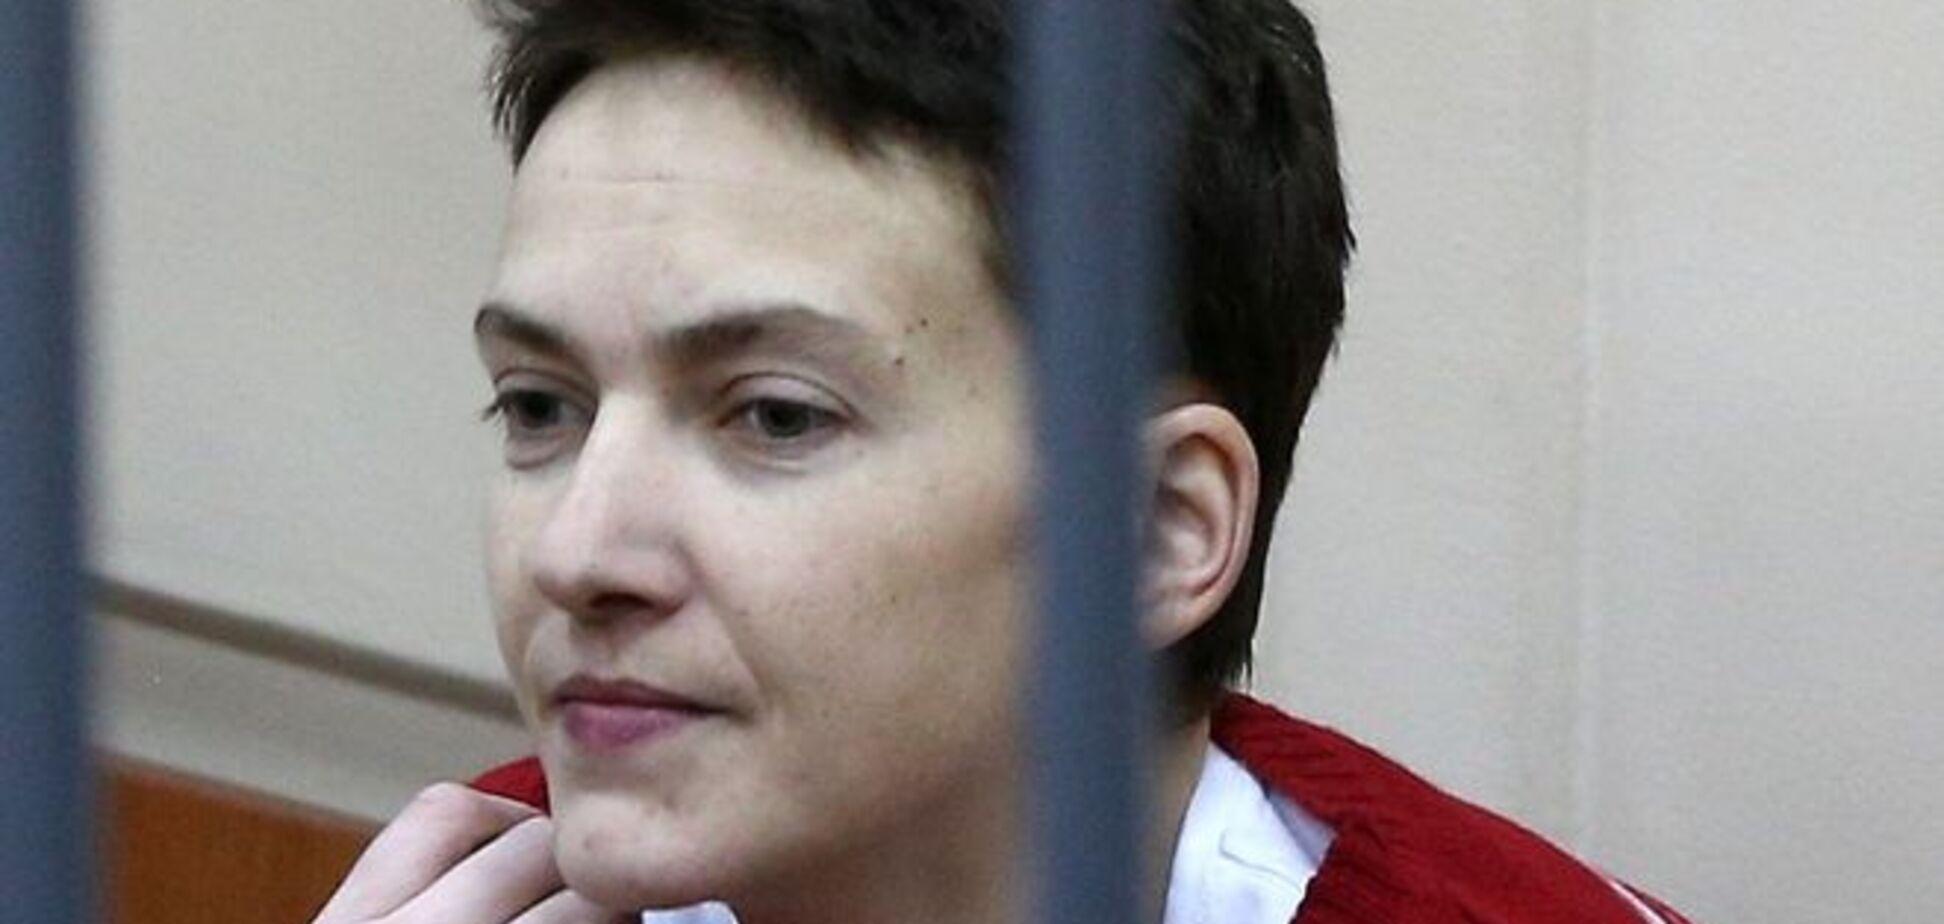 Савченко в суде: я никогда не забуду ваши глаза